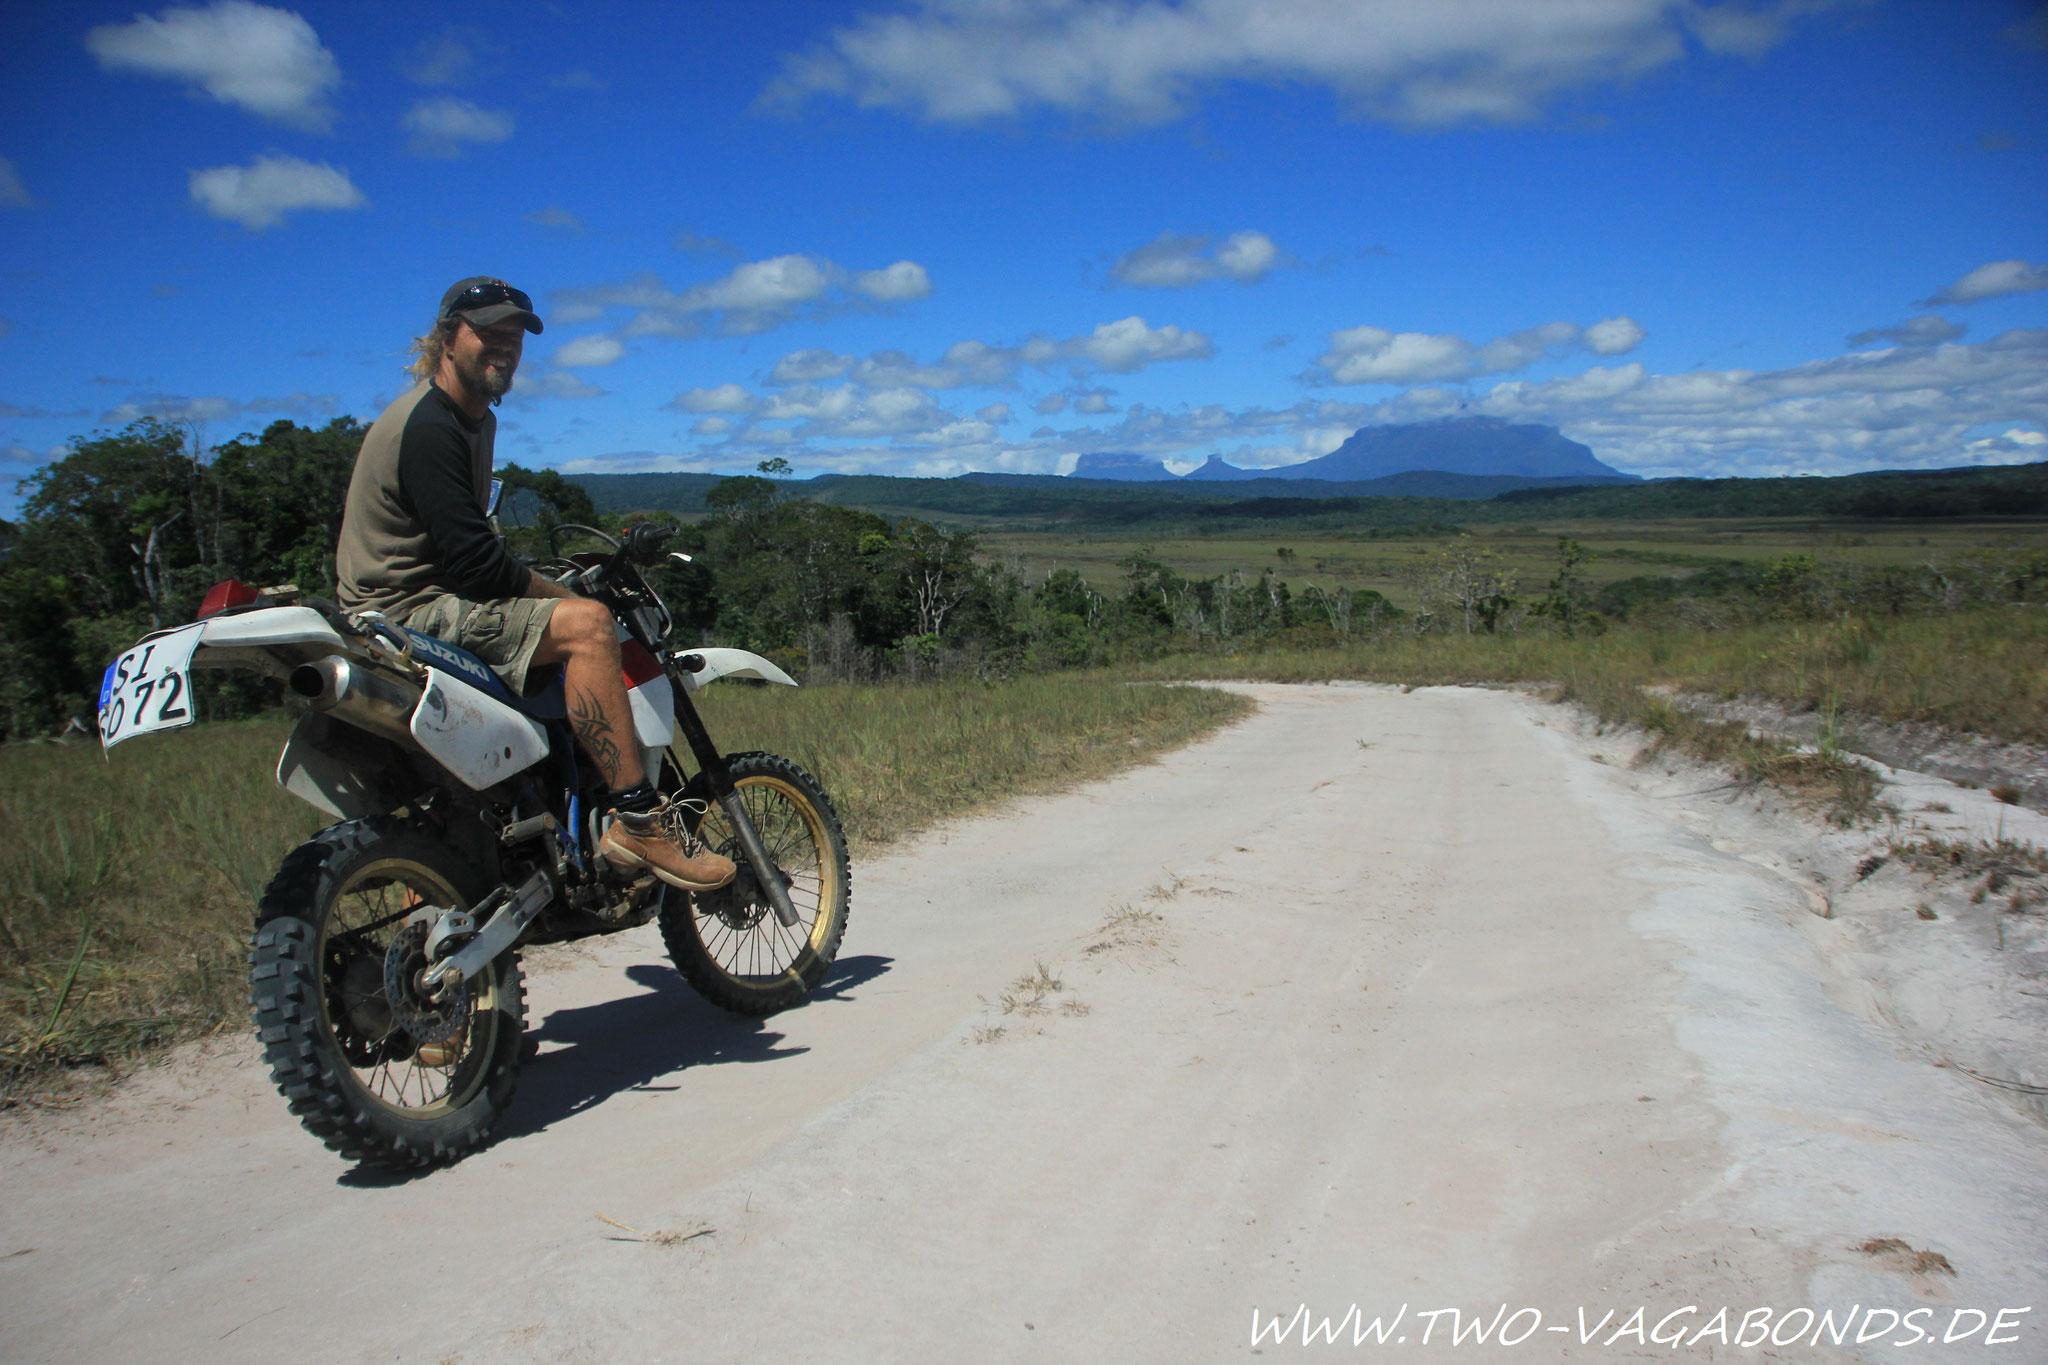 VENEZUELA 2014 - GRAN SABANA